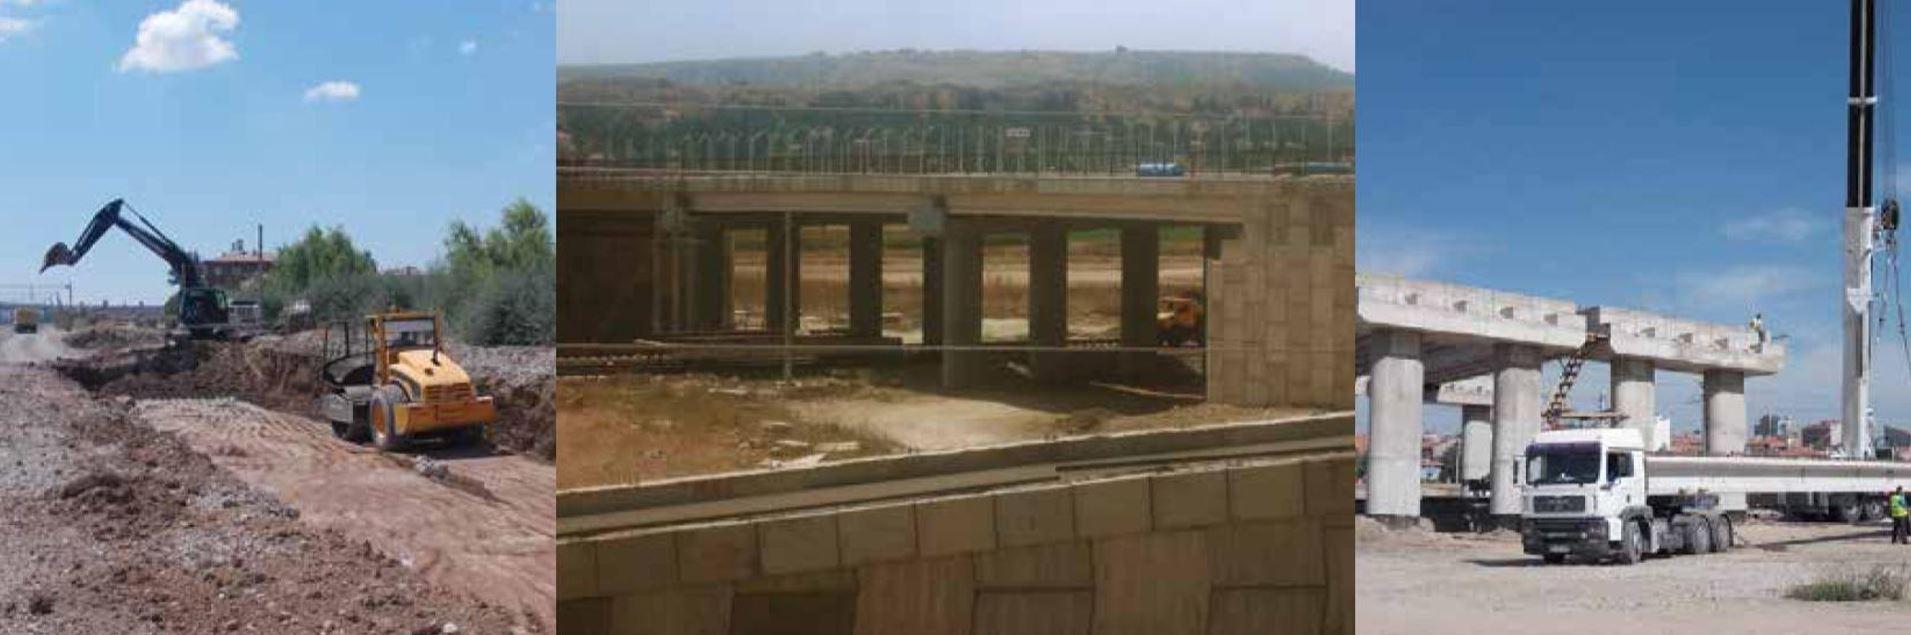 Ankara-İstanbul Yüksek Hızlı Tren Projesi Ulusal Egemenlik Köprüsü ve Hızlı Tren Güzergah İnşaatı